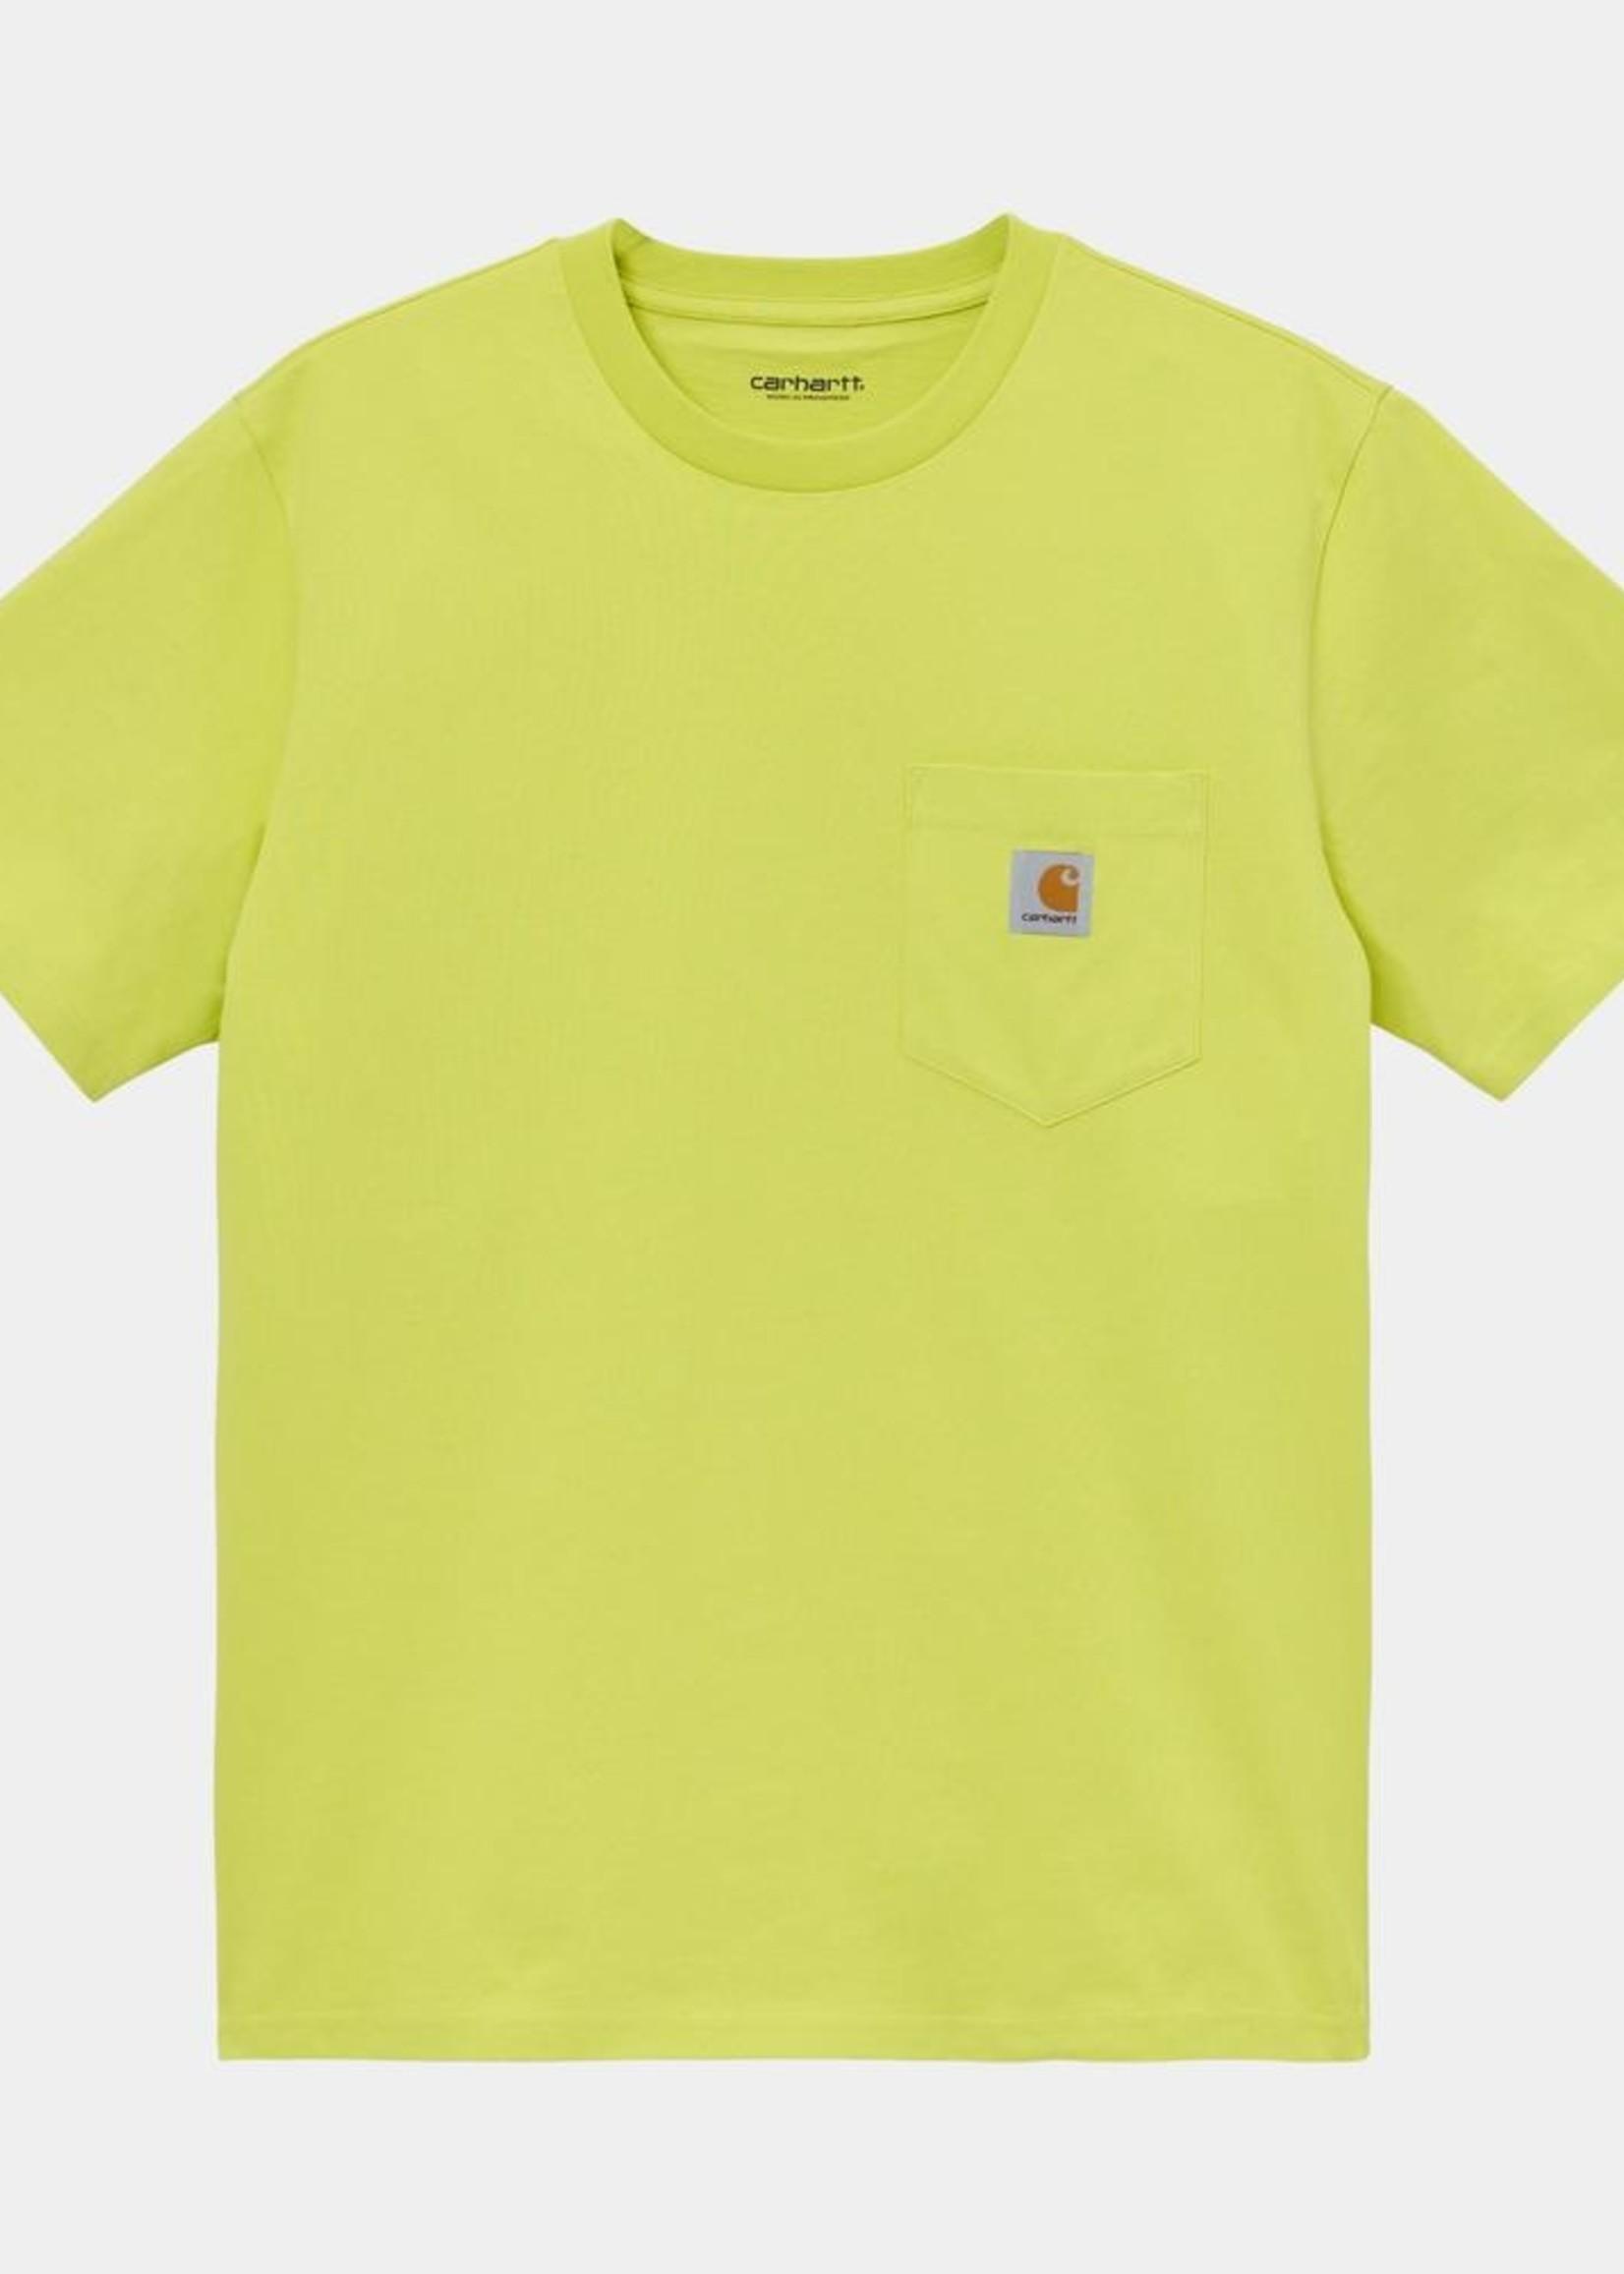 Carhartt Work In Progress Pocket T-shirt in Limeade